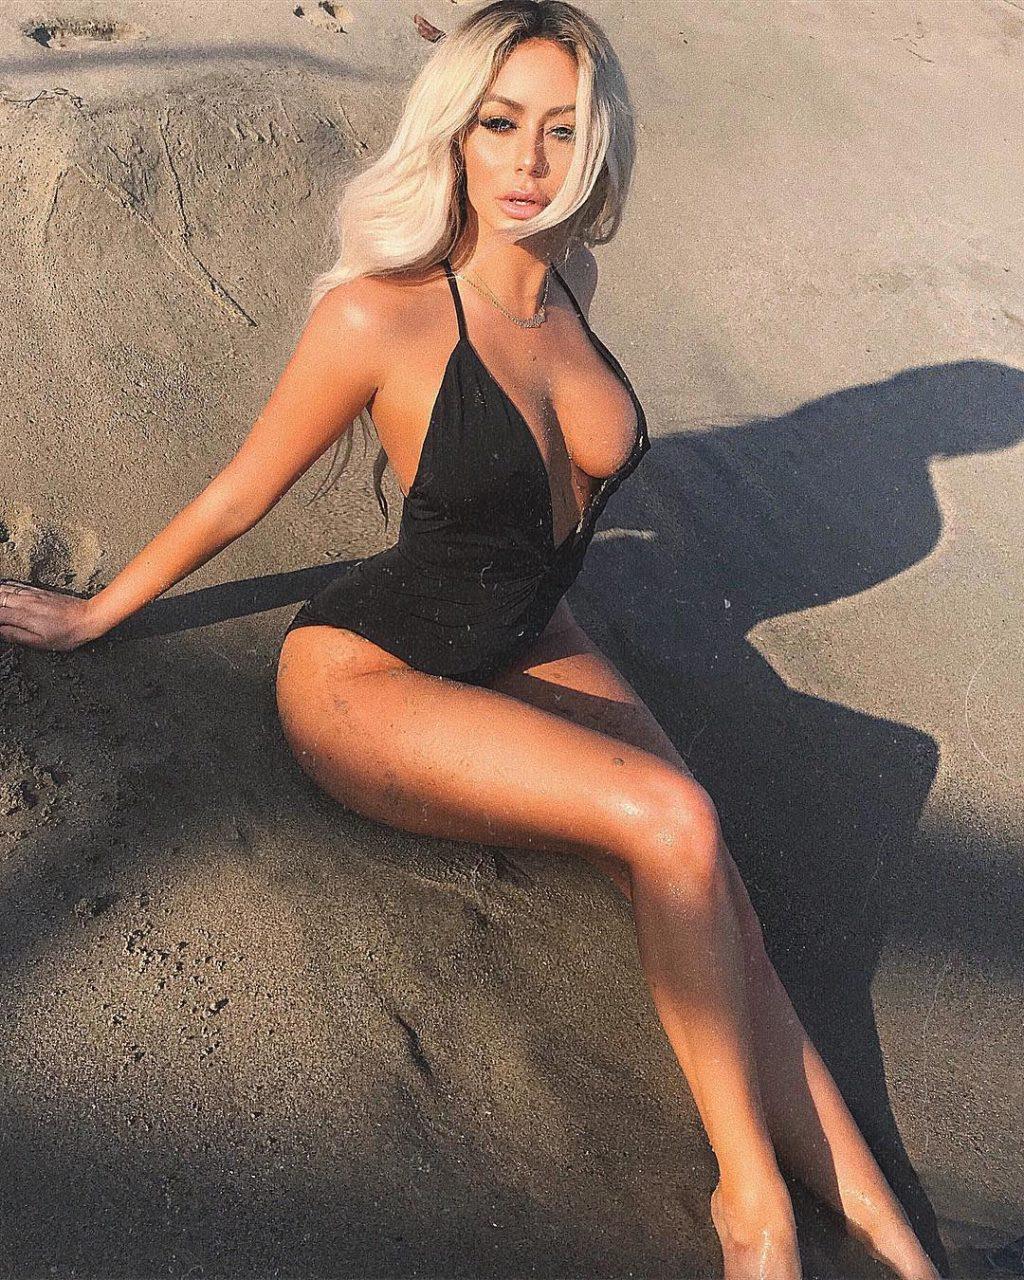 Aubrey O'Day See Through & Sexy (85 Photos)